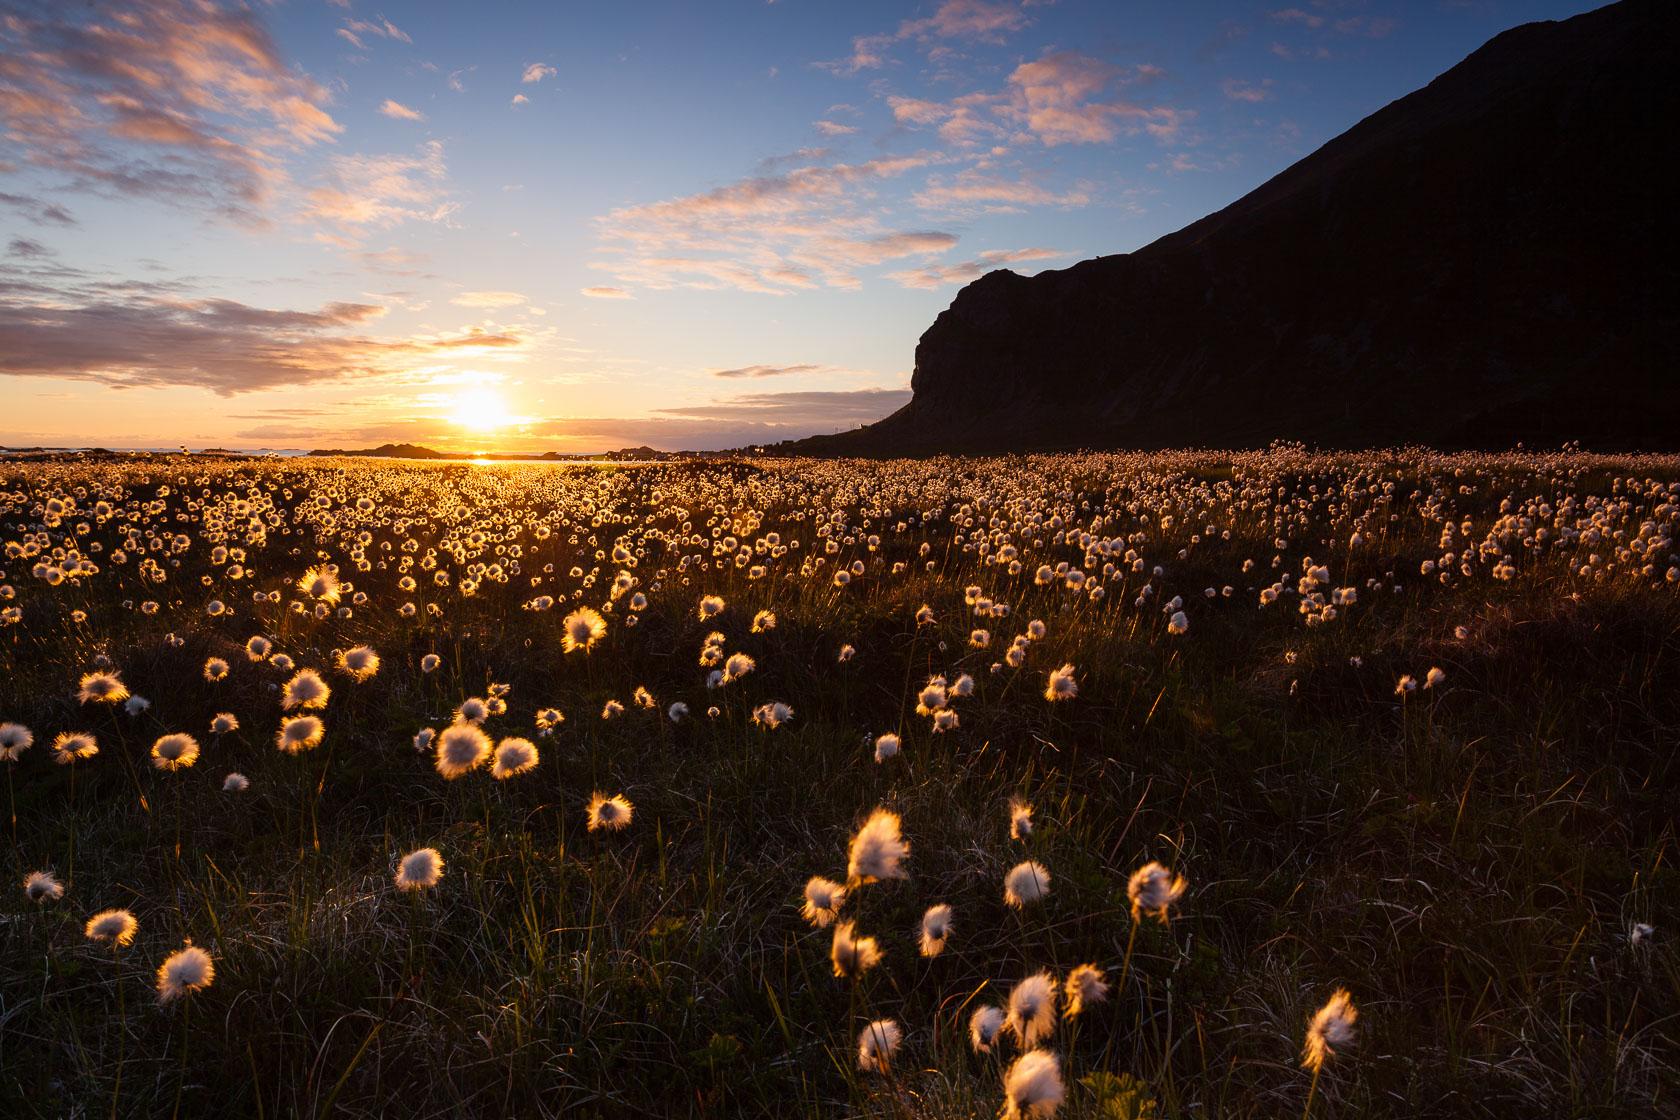 Soleil de minuit sur les linaigrettes, dans les îles Lofoten, en Norvège